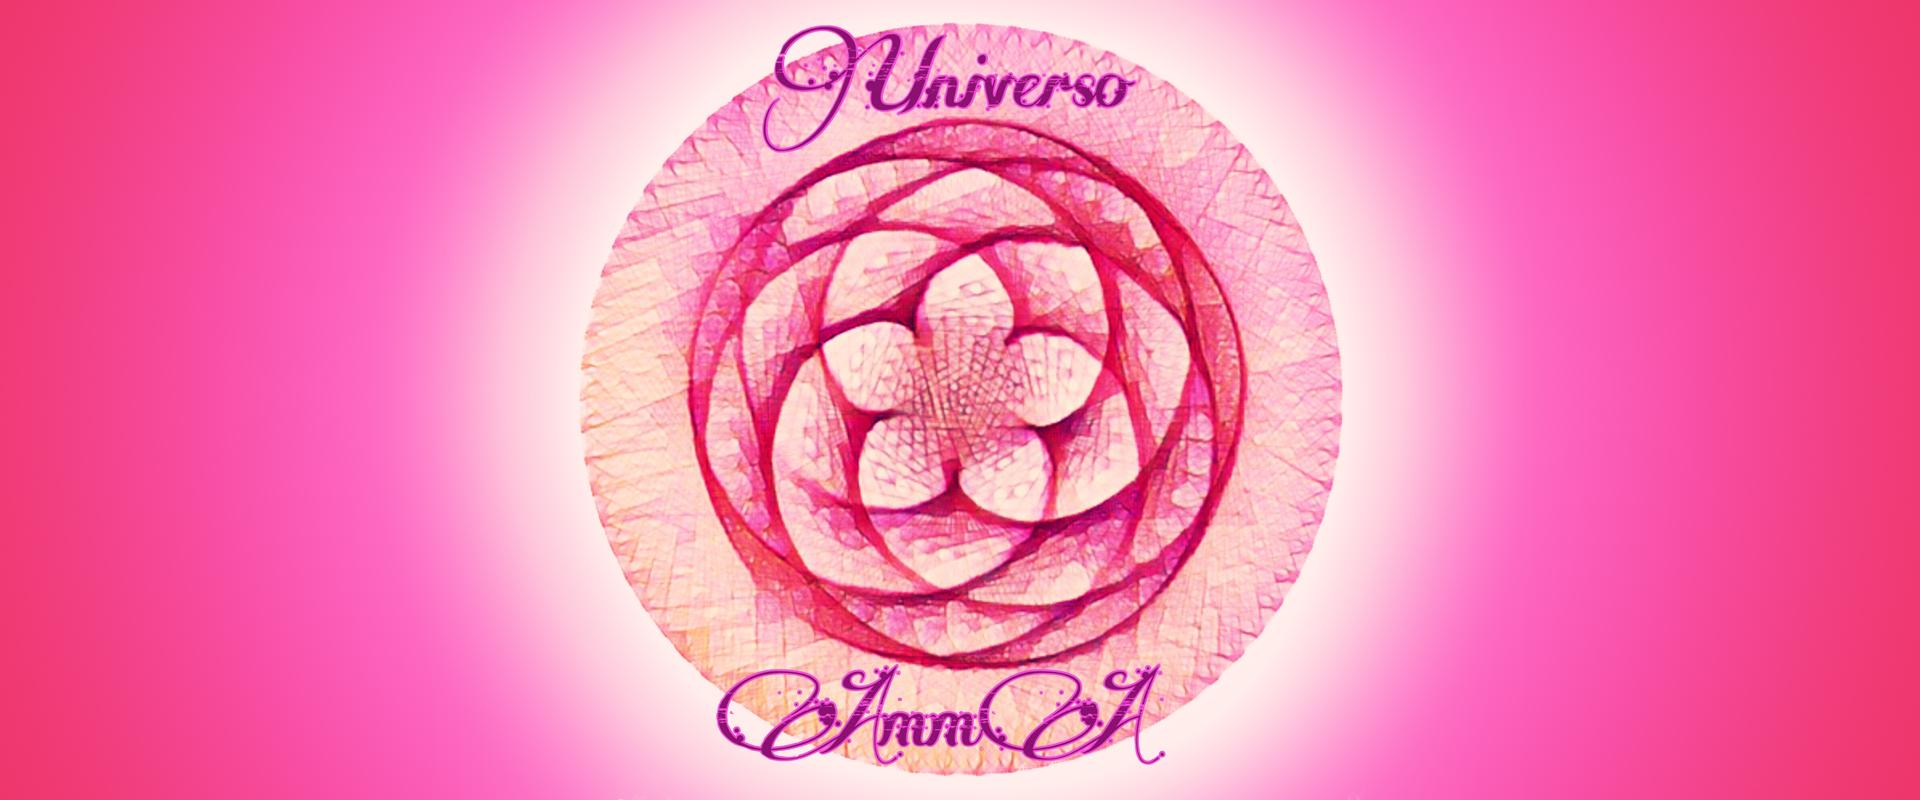 Universo AmmA